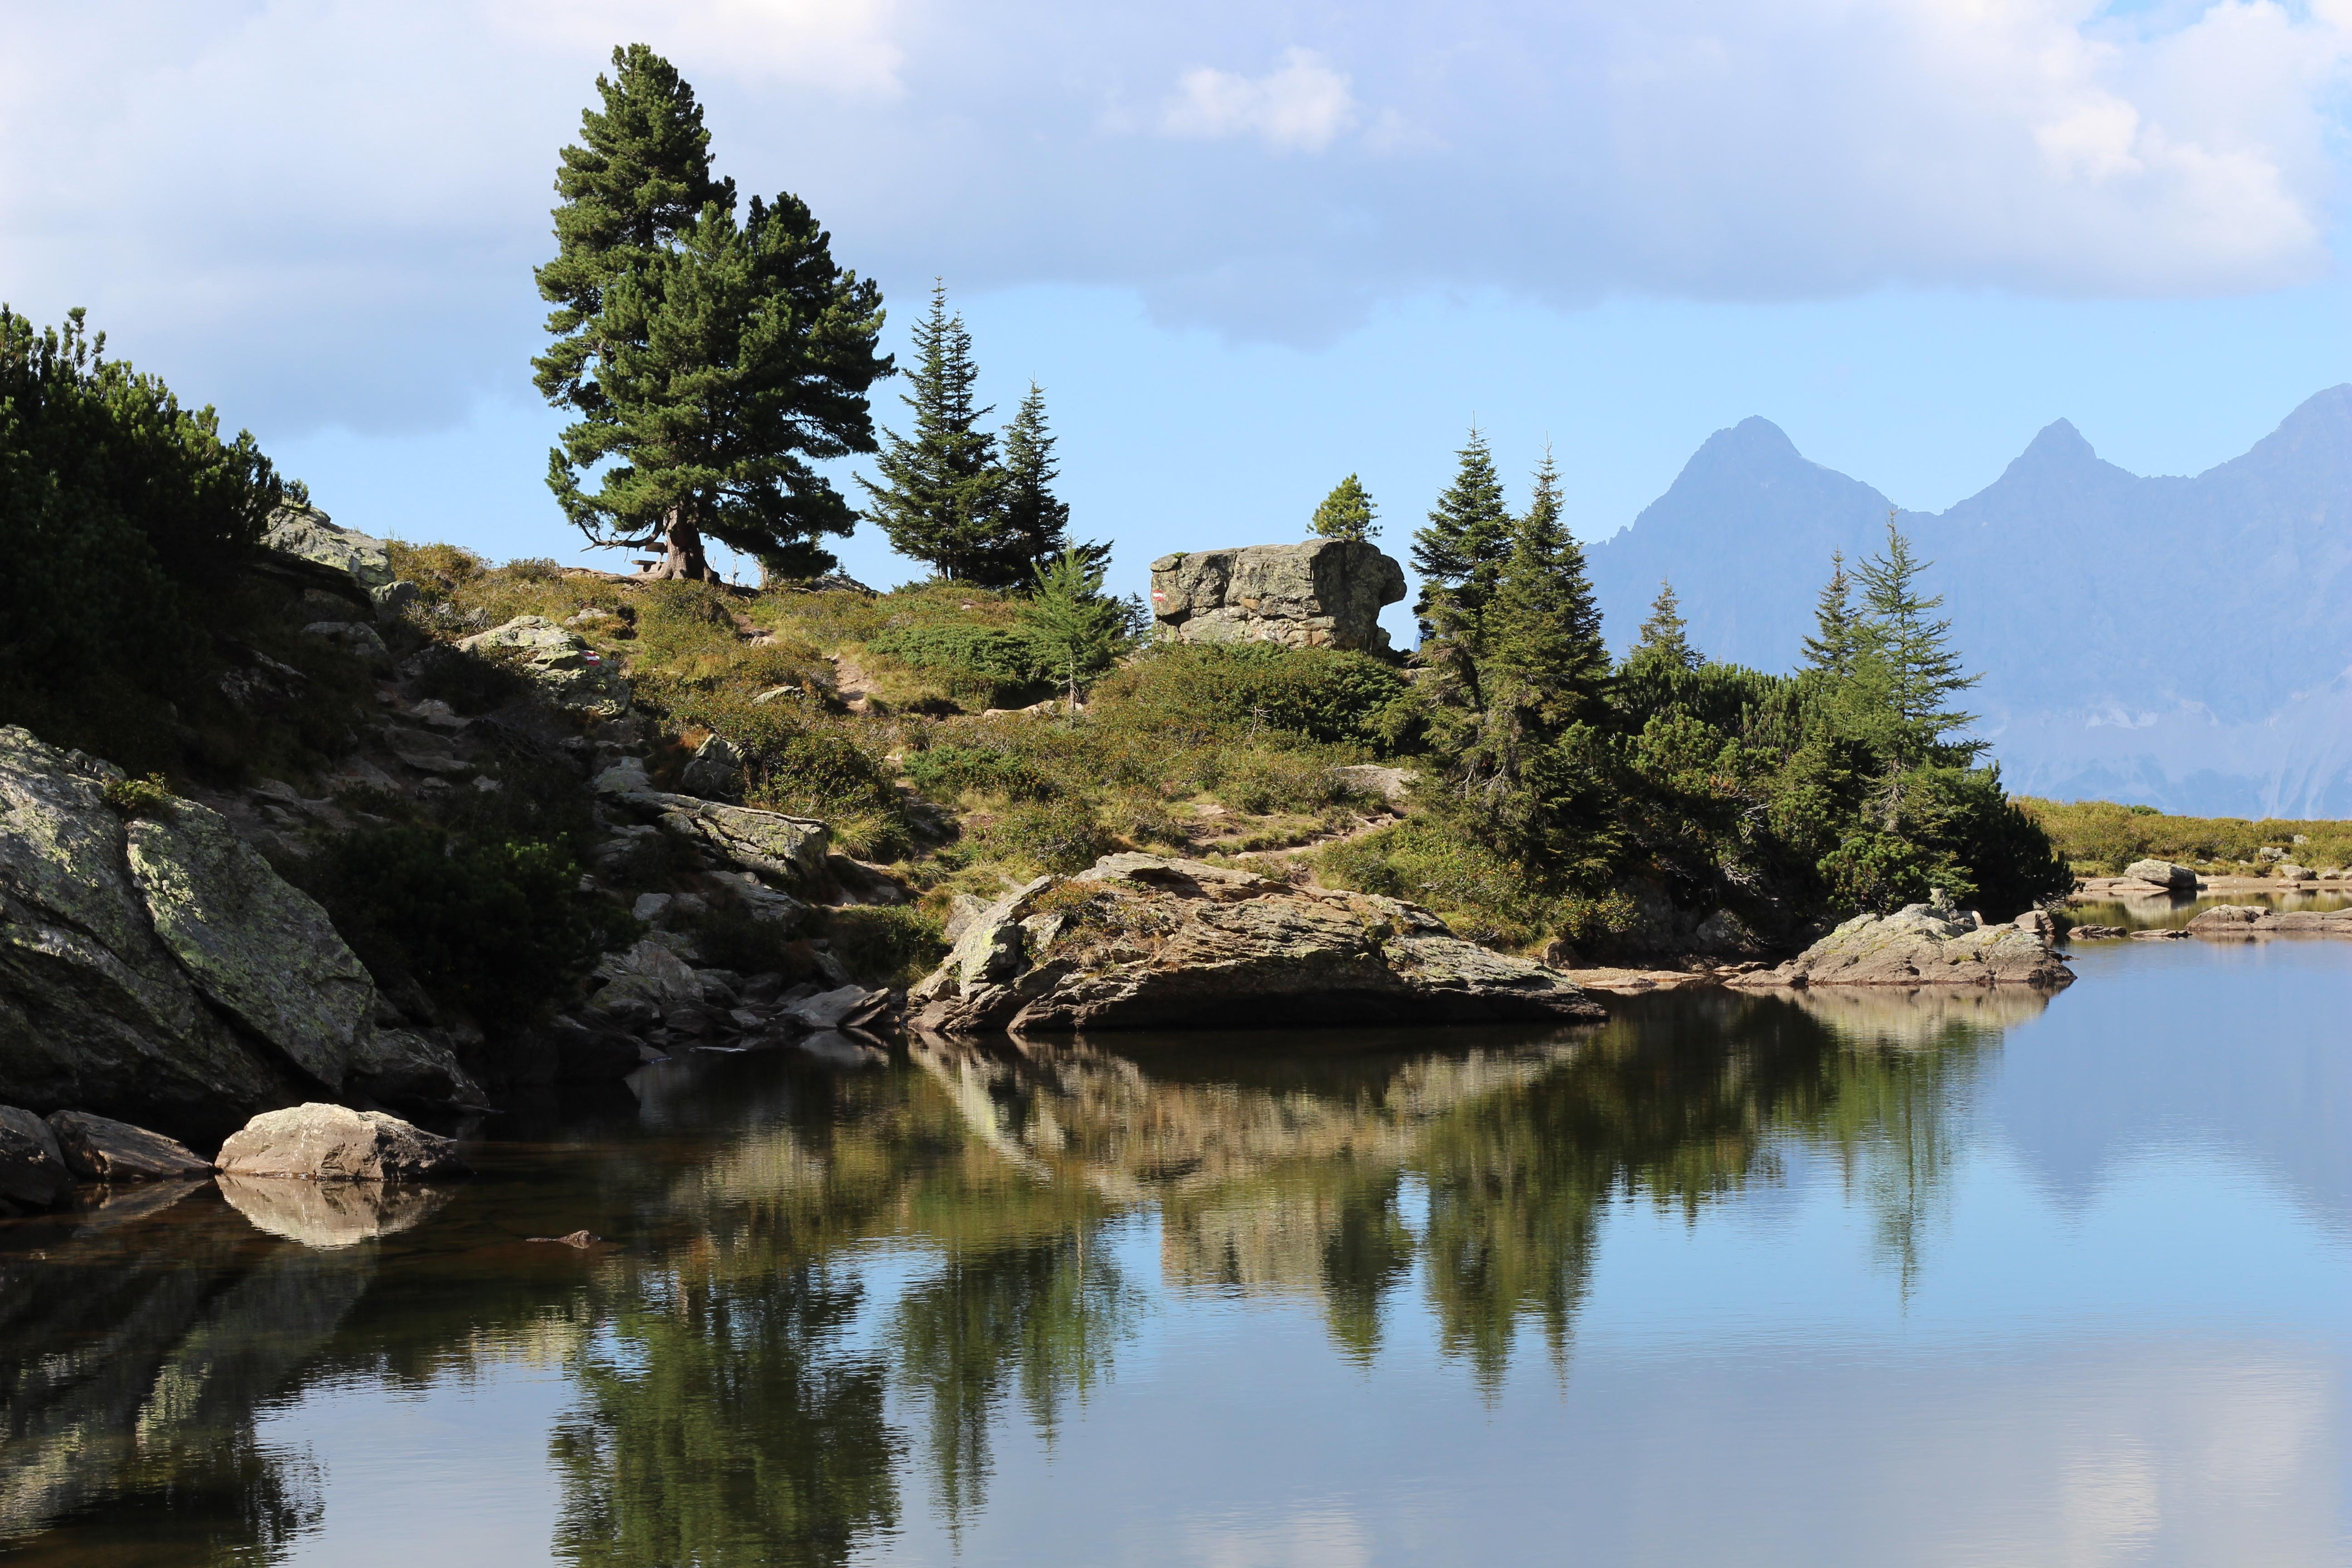 spiegelsee-dachstein-austria-wandern-hiking-7